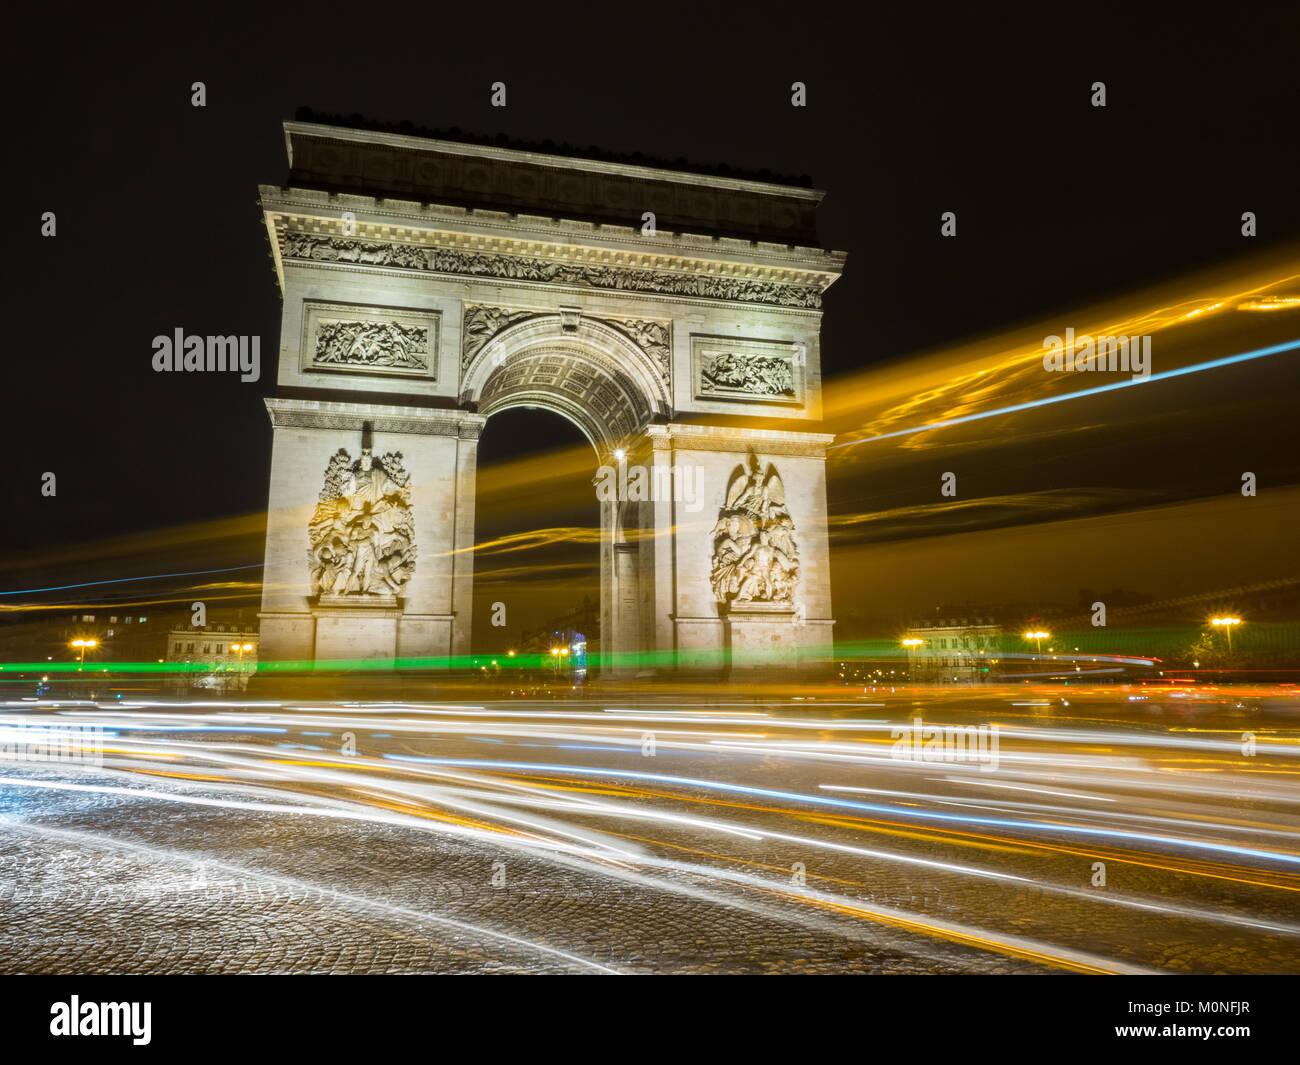 Arc de Triumph at night, Paris, France - Stock Image